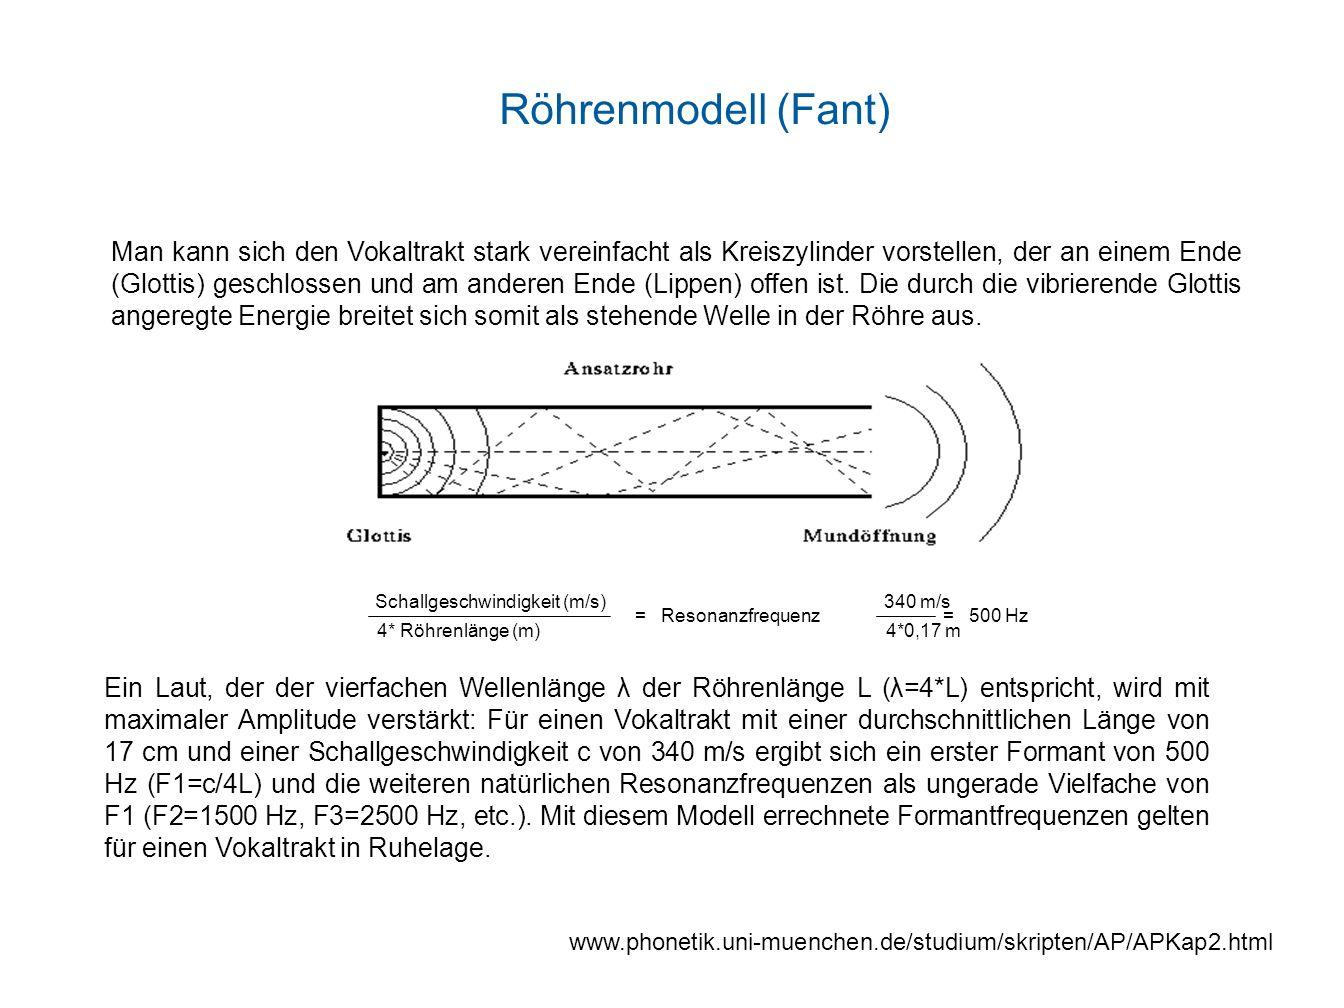 Da in der Realität eine Konstriktion (Verengung) den Vokaltrakt in zwei Abschnitte - nämlich einen vorderen und einen hinteren Hohlraum - teilt, wird das Modell um die Annahme von zwei Röhren erweitert.